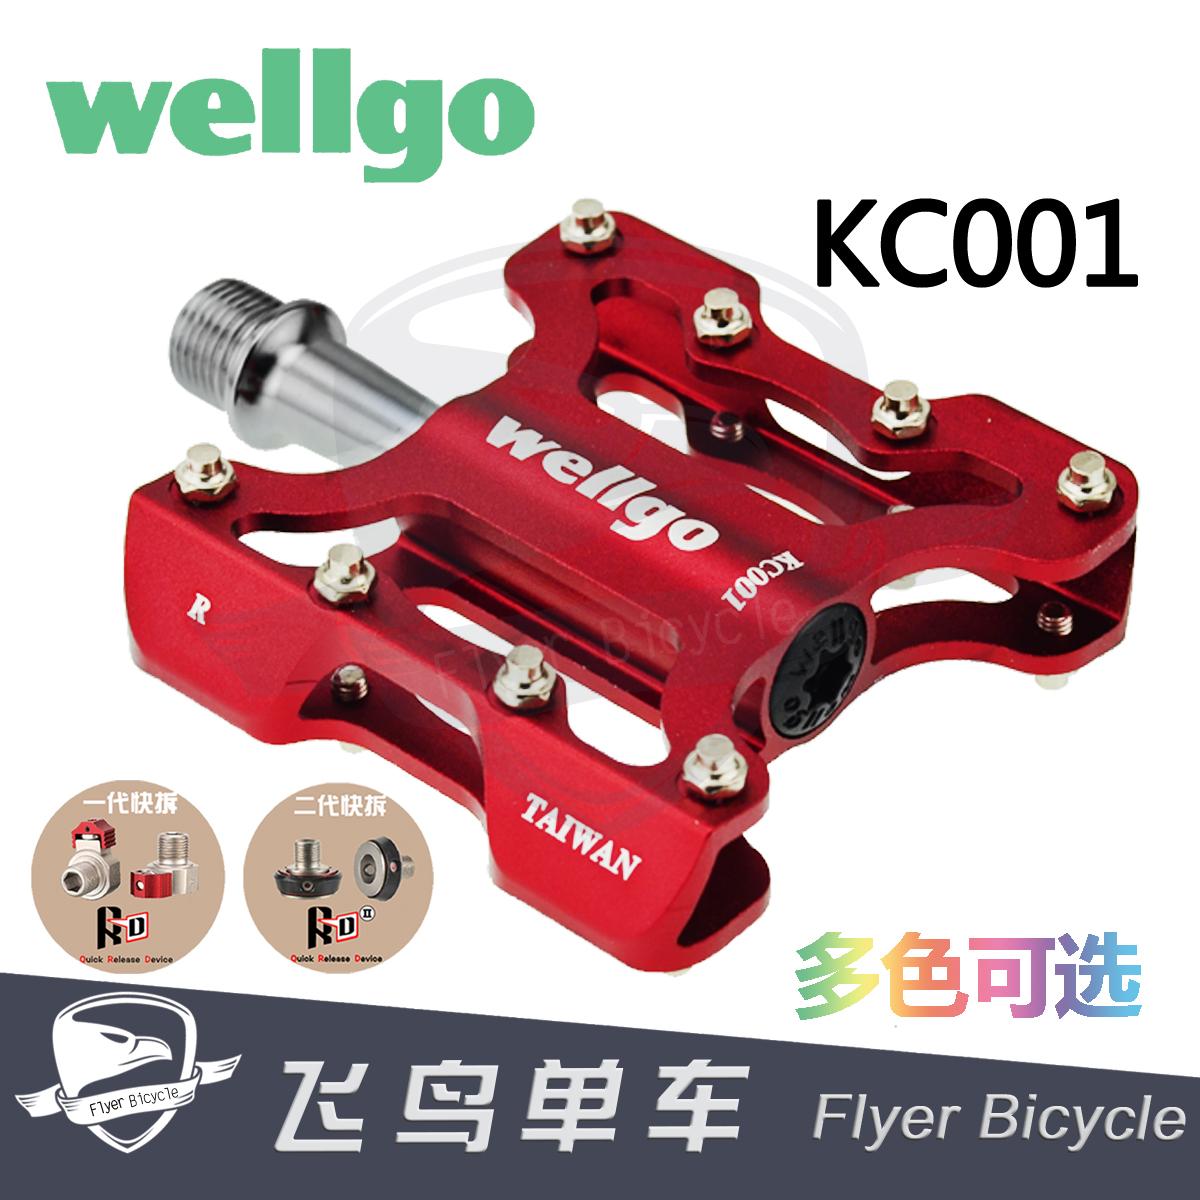 wellgo維格KC001鋁合金培林腳踏 山地公路摺疊車 自行車包郵